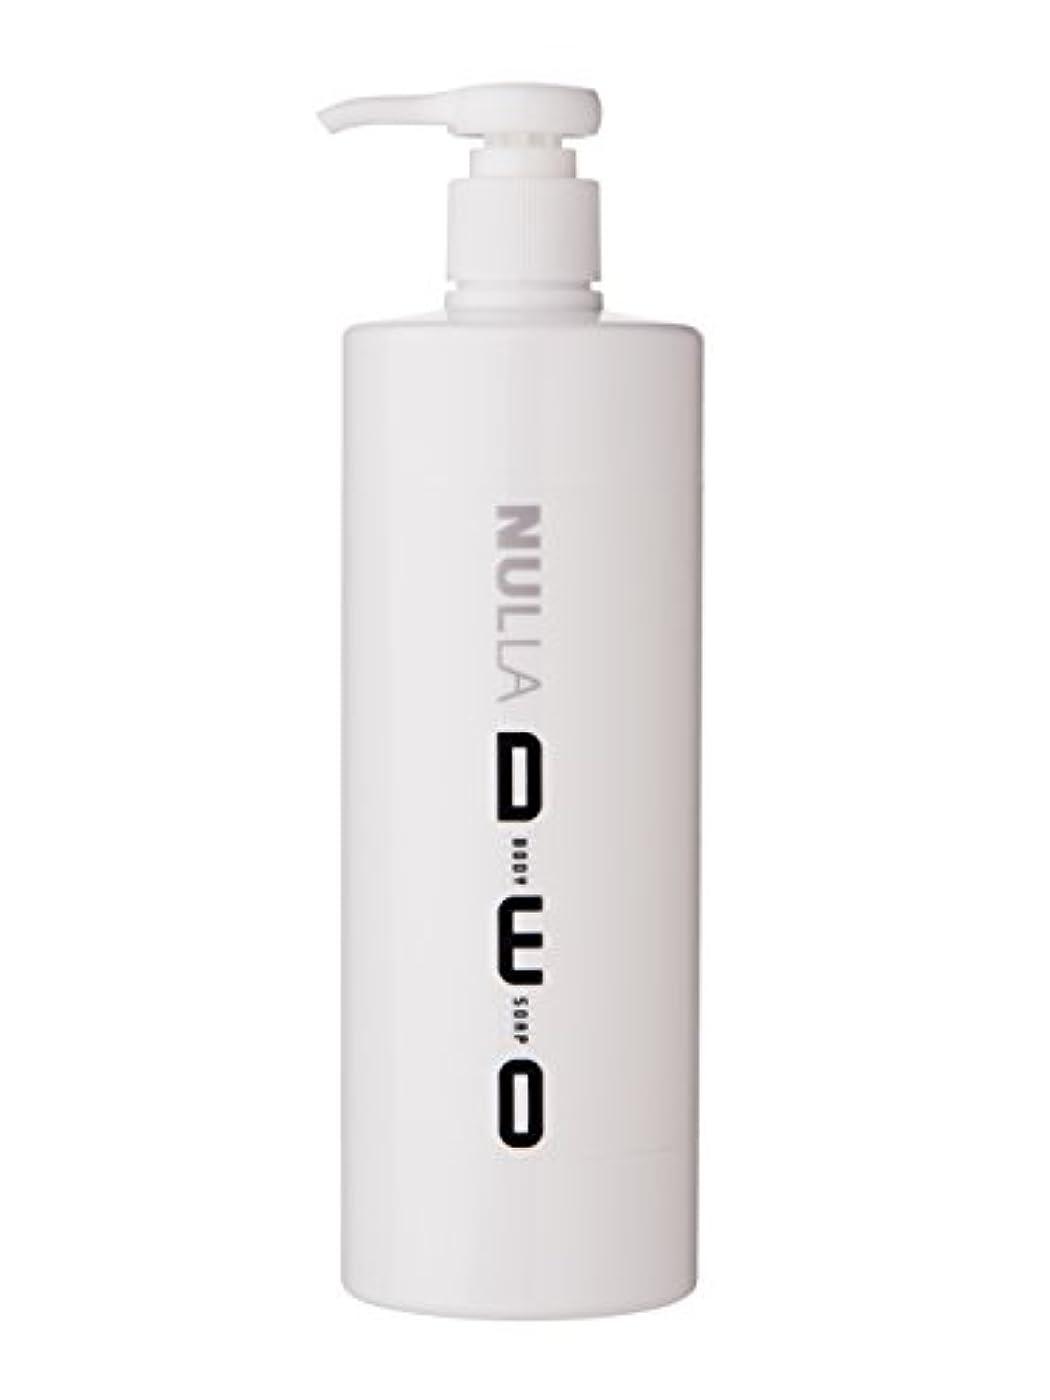 フリルシロクマ独立NULLA(ヌーラ) ヌーラデオ ボディソープ [ニオイ菌を抑制] 500ml 日本製 加齢臭 体臭 対策 シャボンの香り